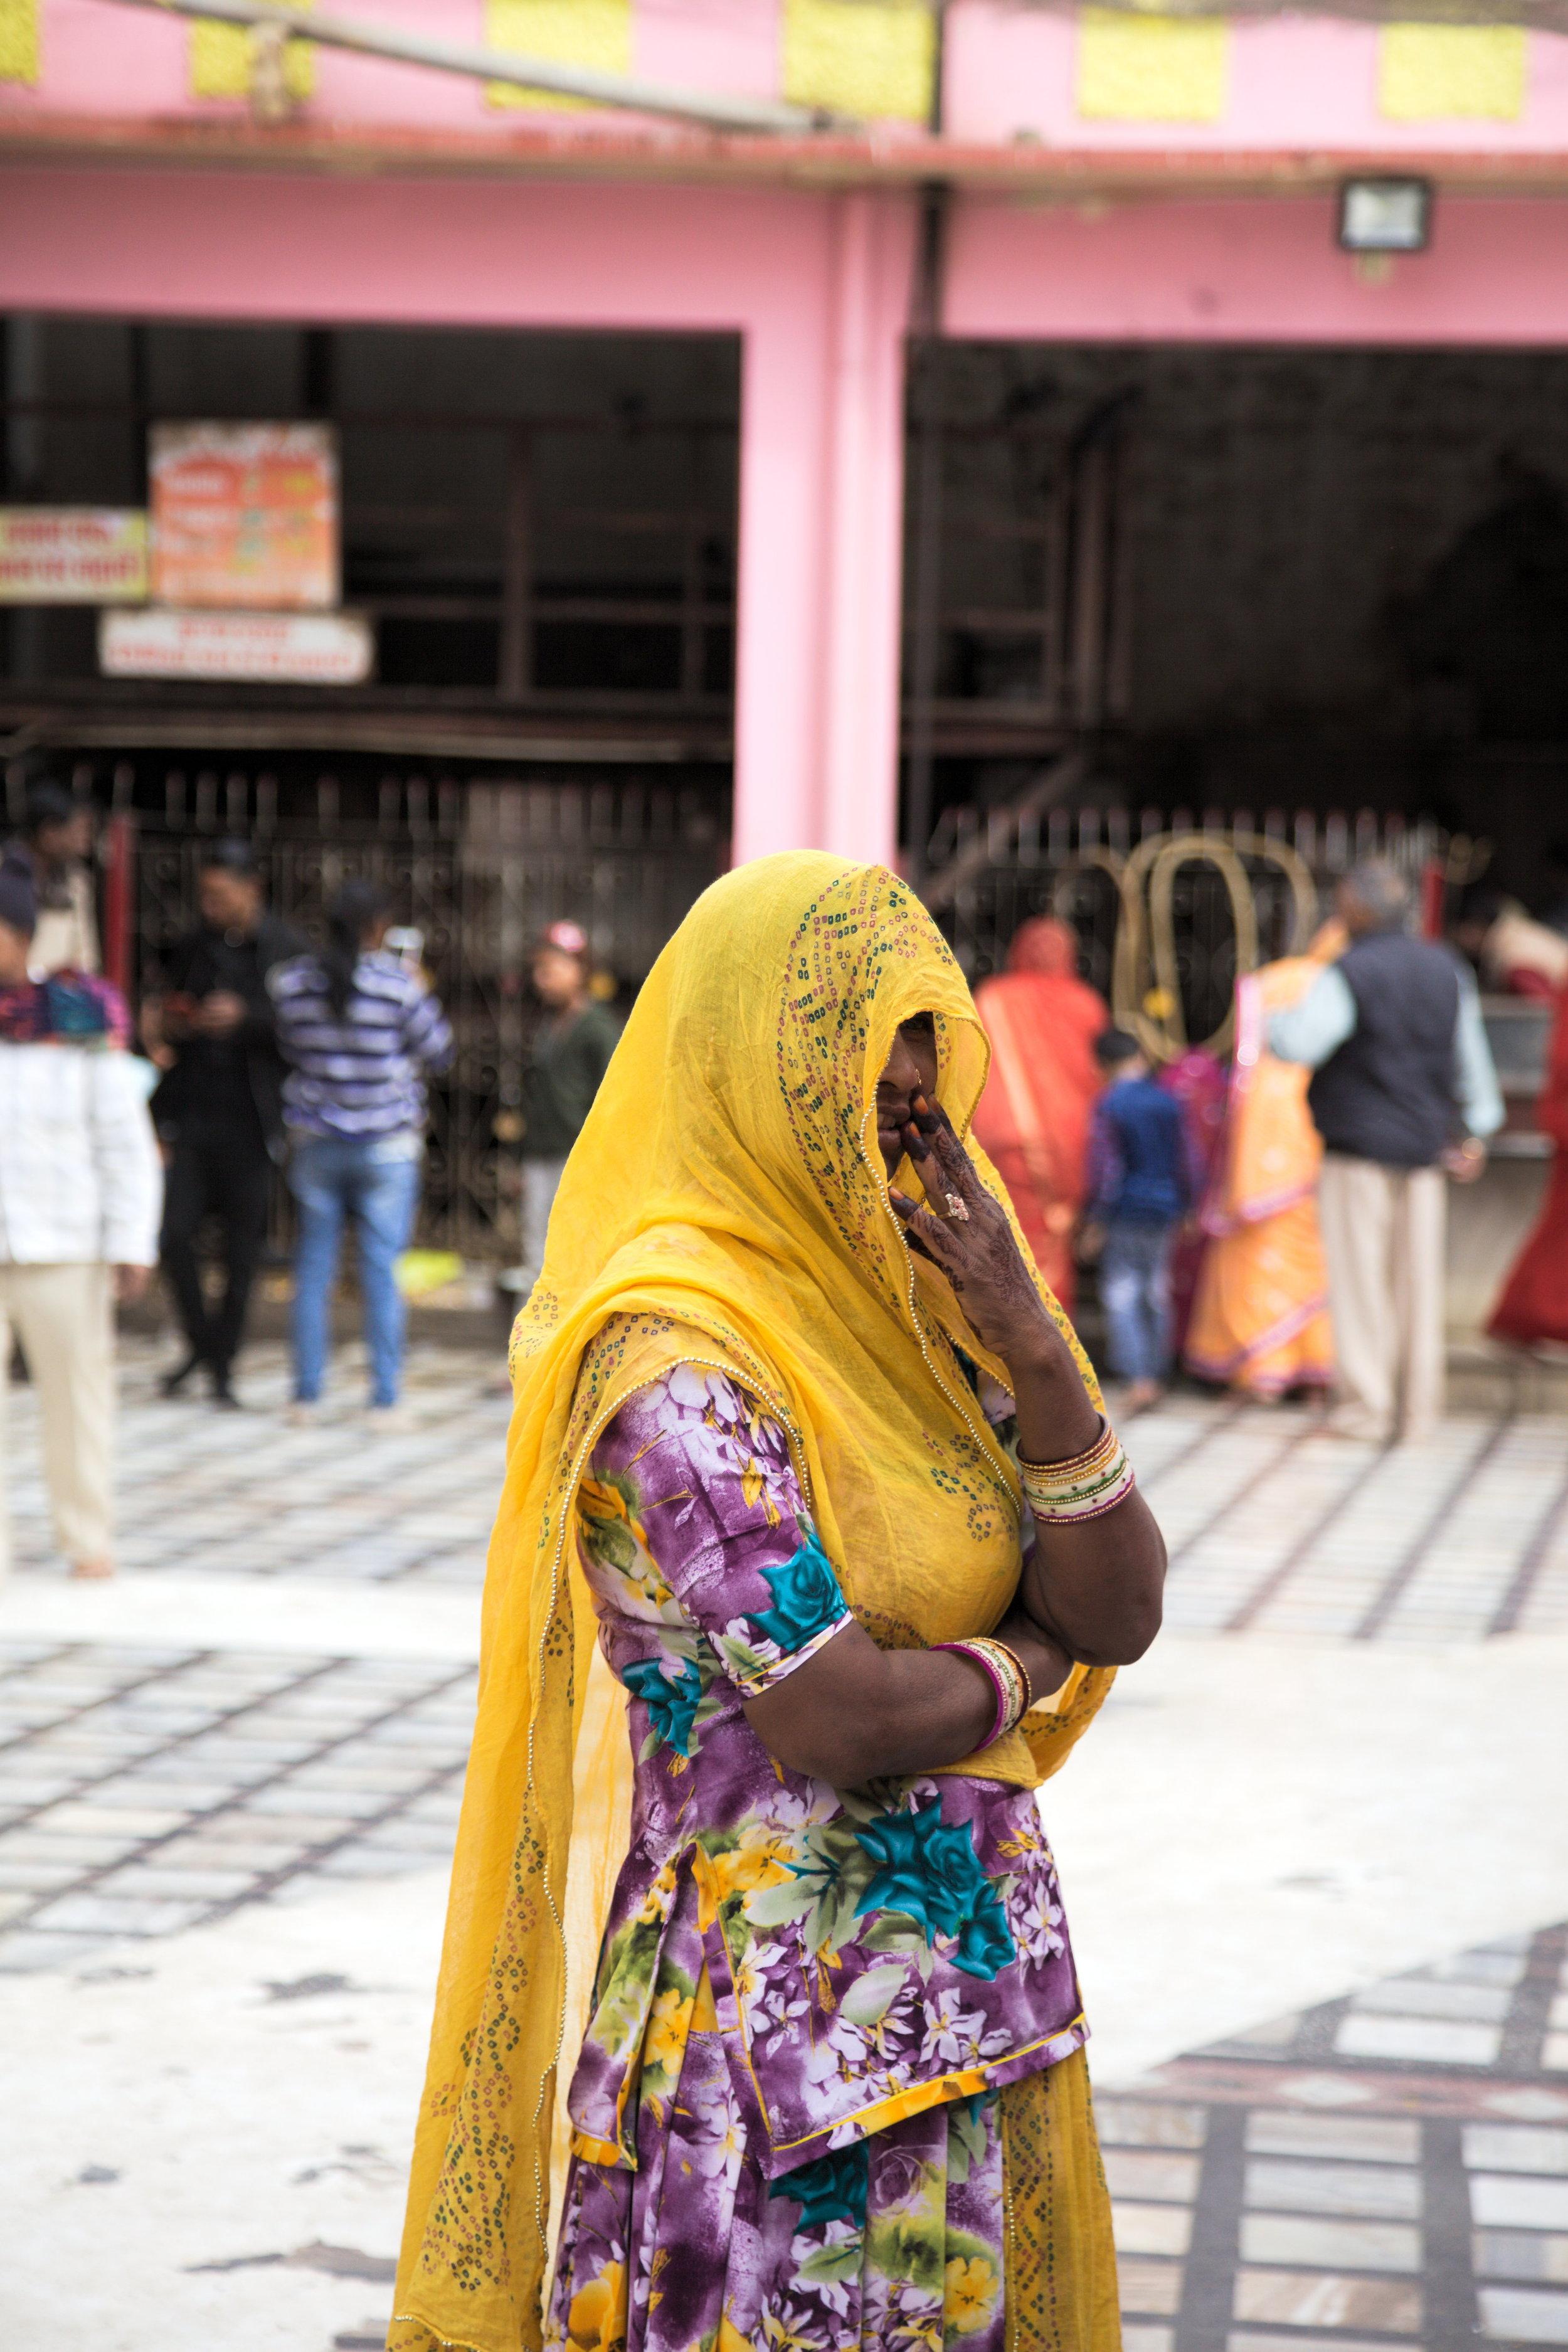 Worshipper at Karni Mata temple, Rajasthan